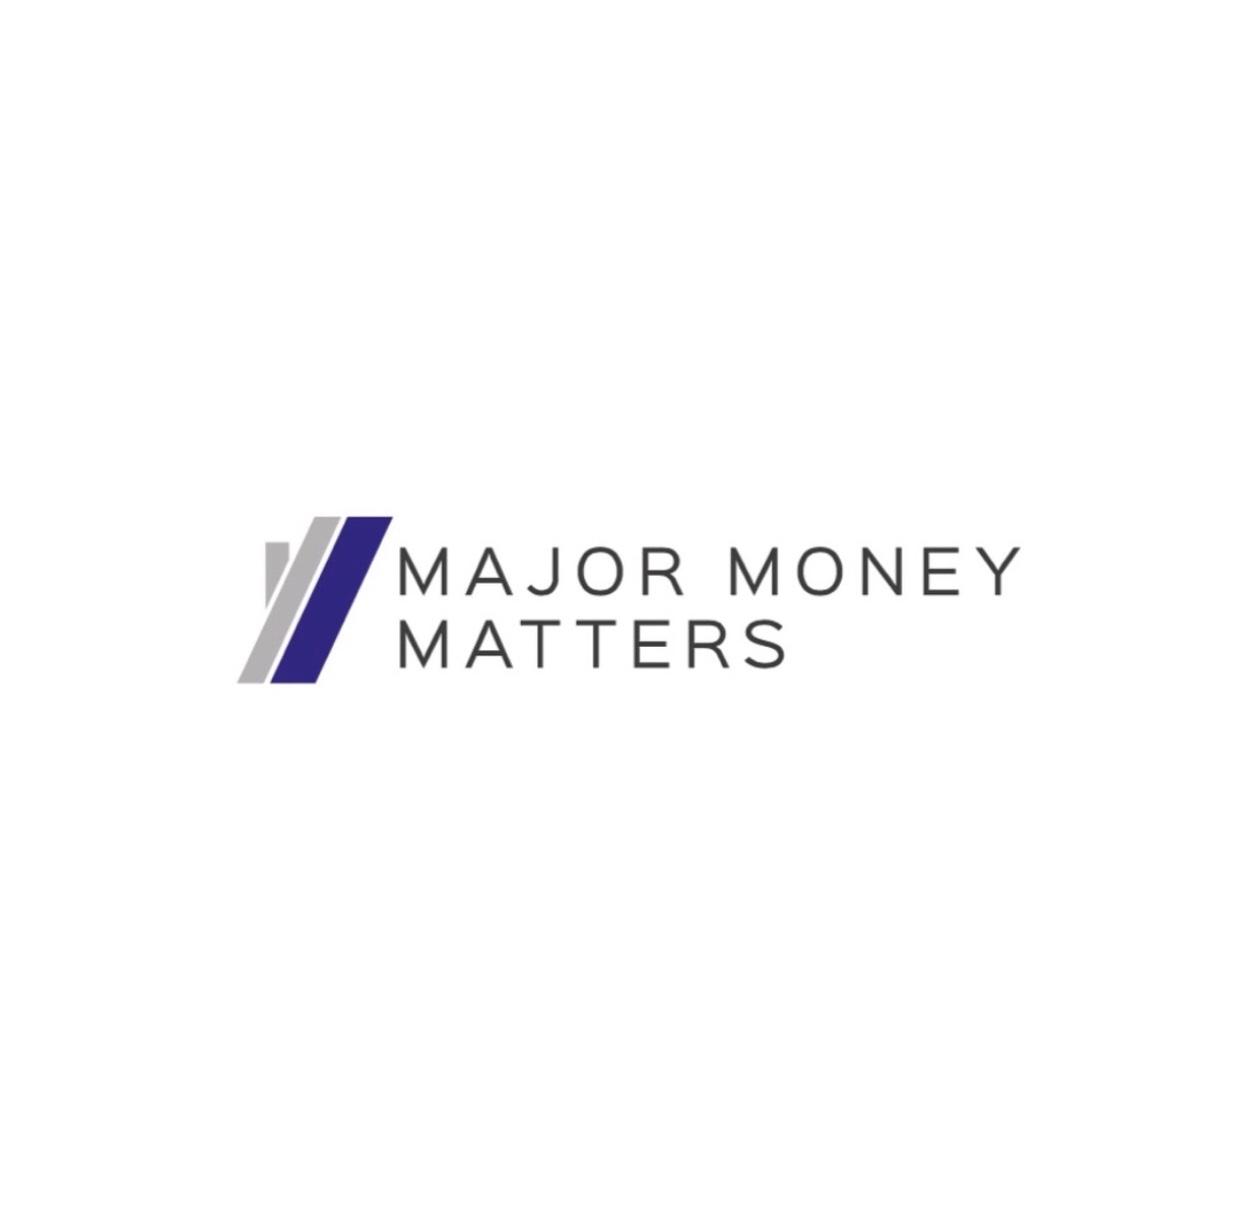 Major Money Matters